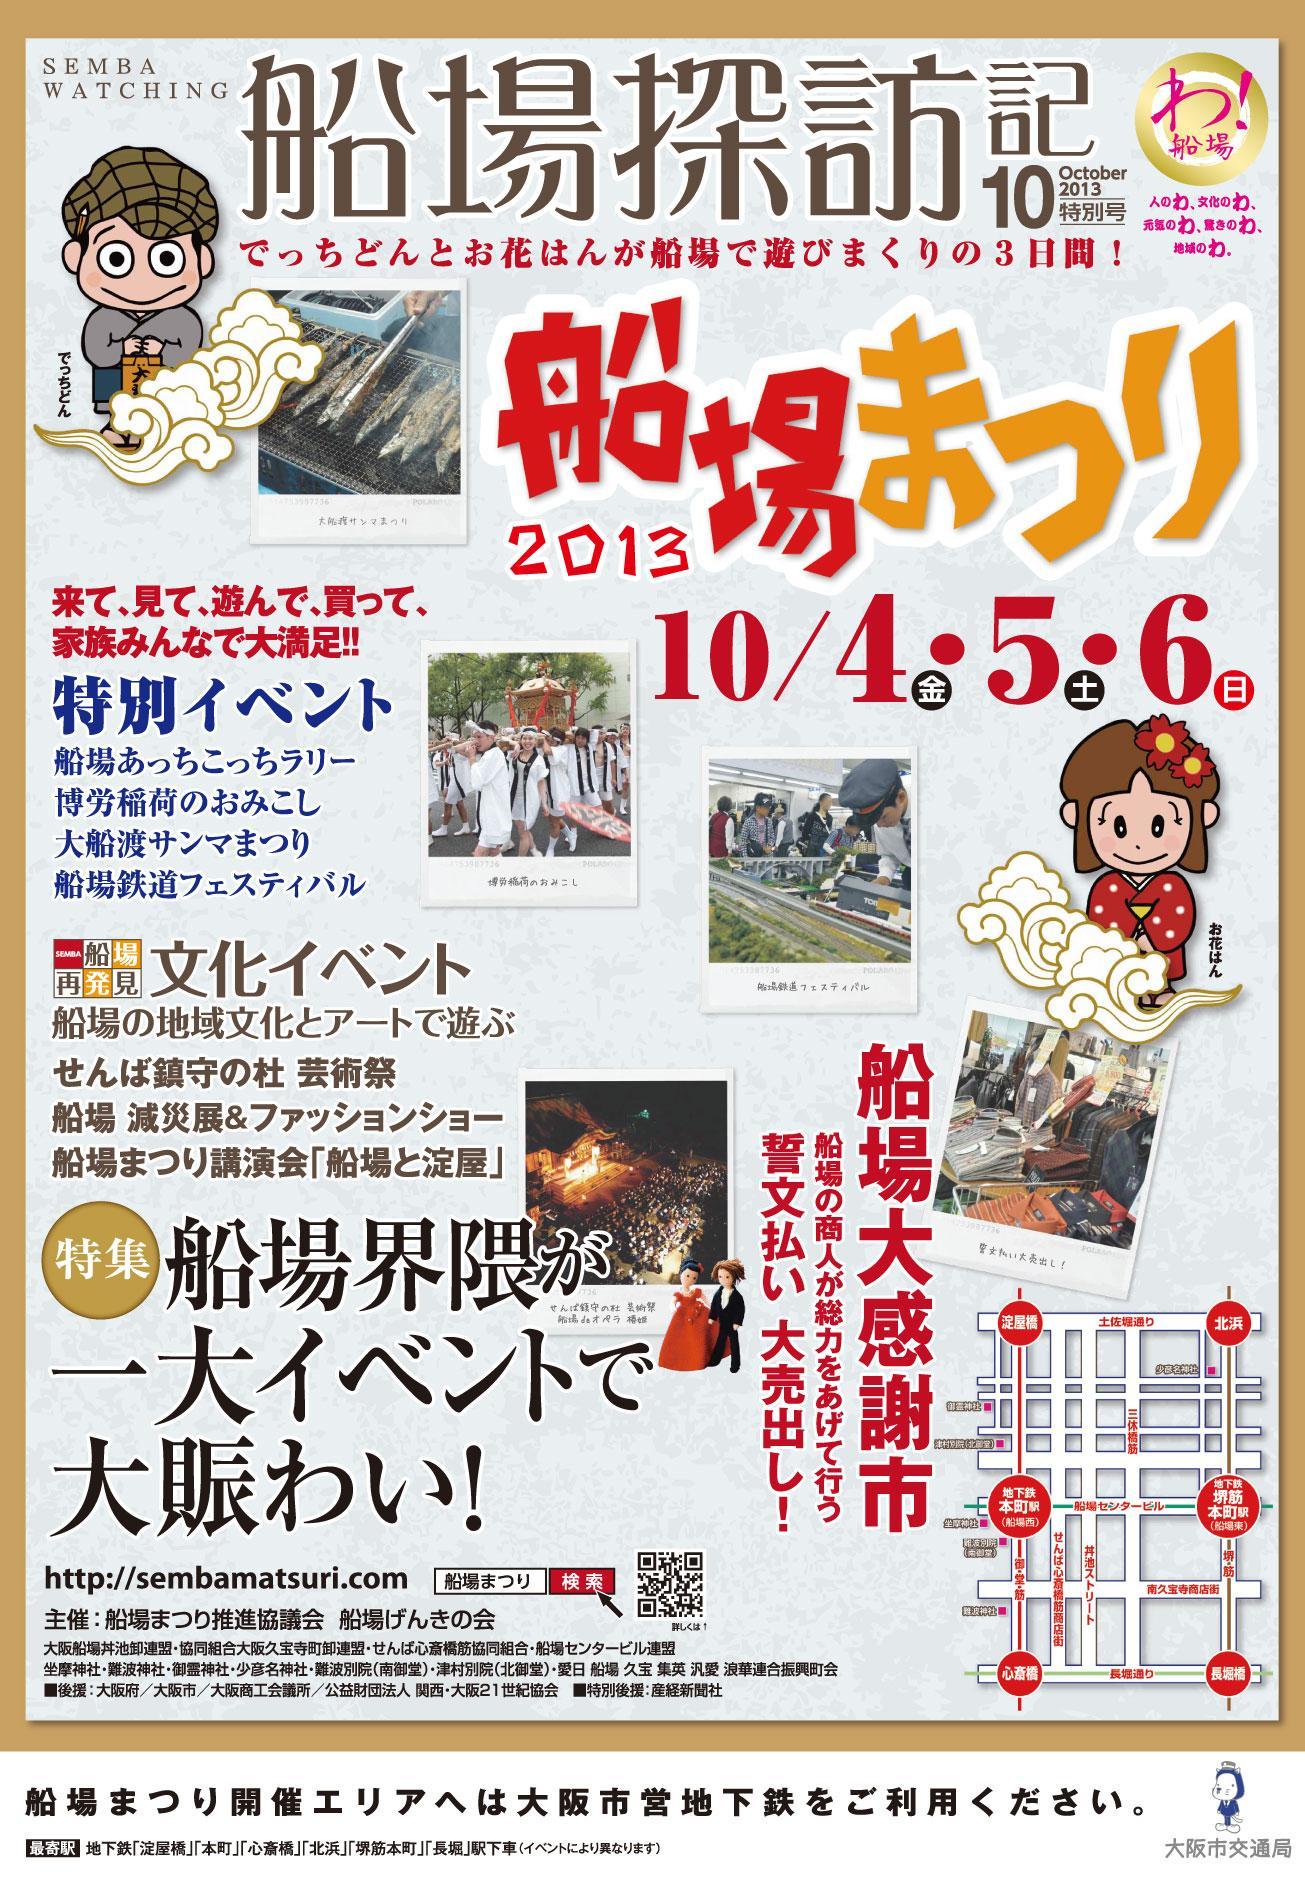 船場まつり 2013/10/4,5,6